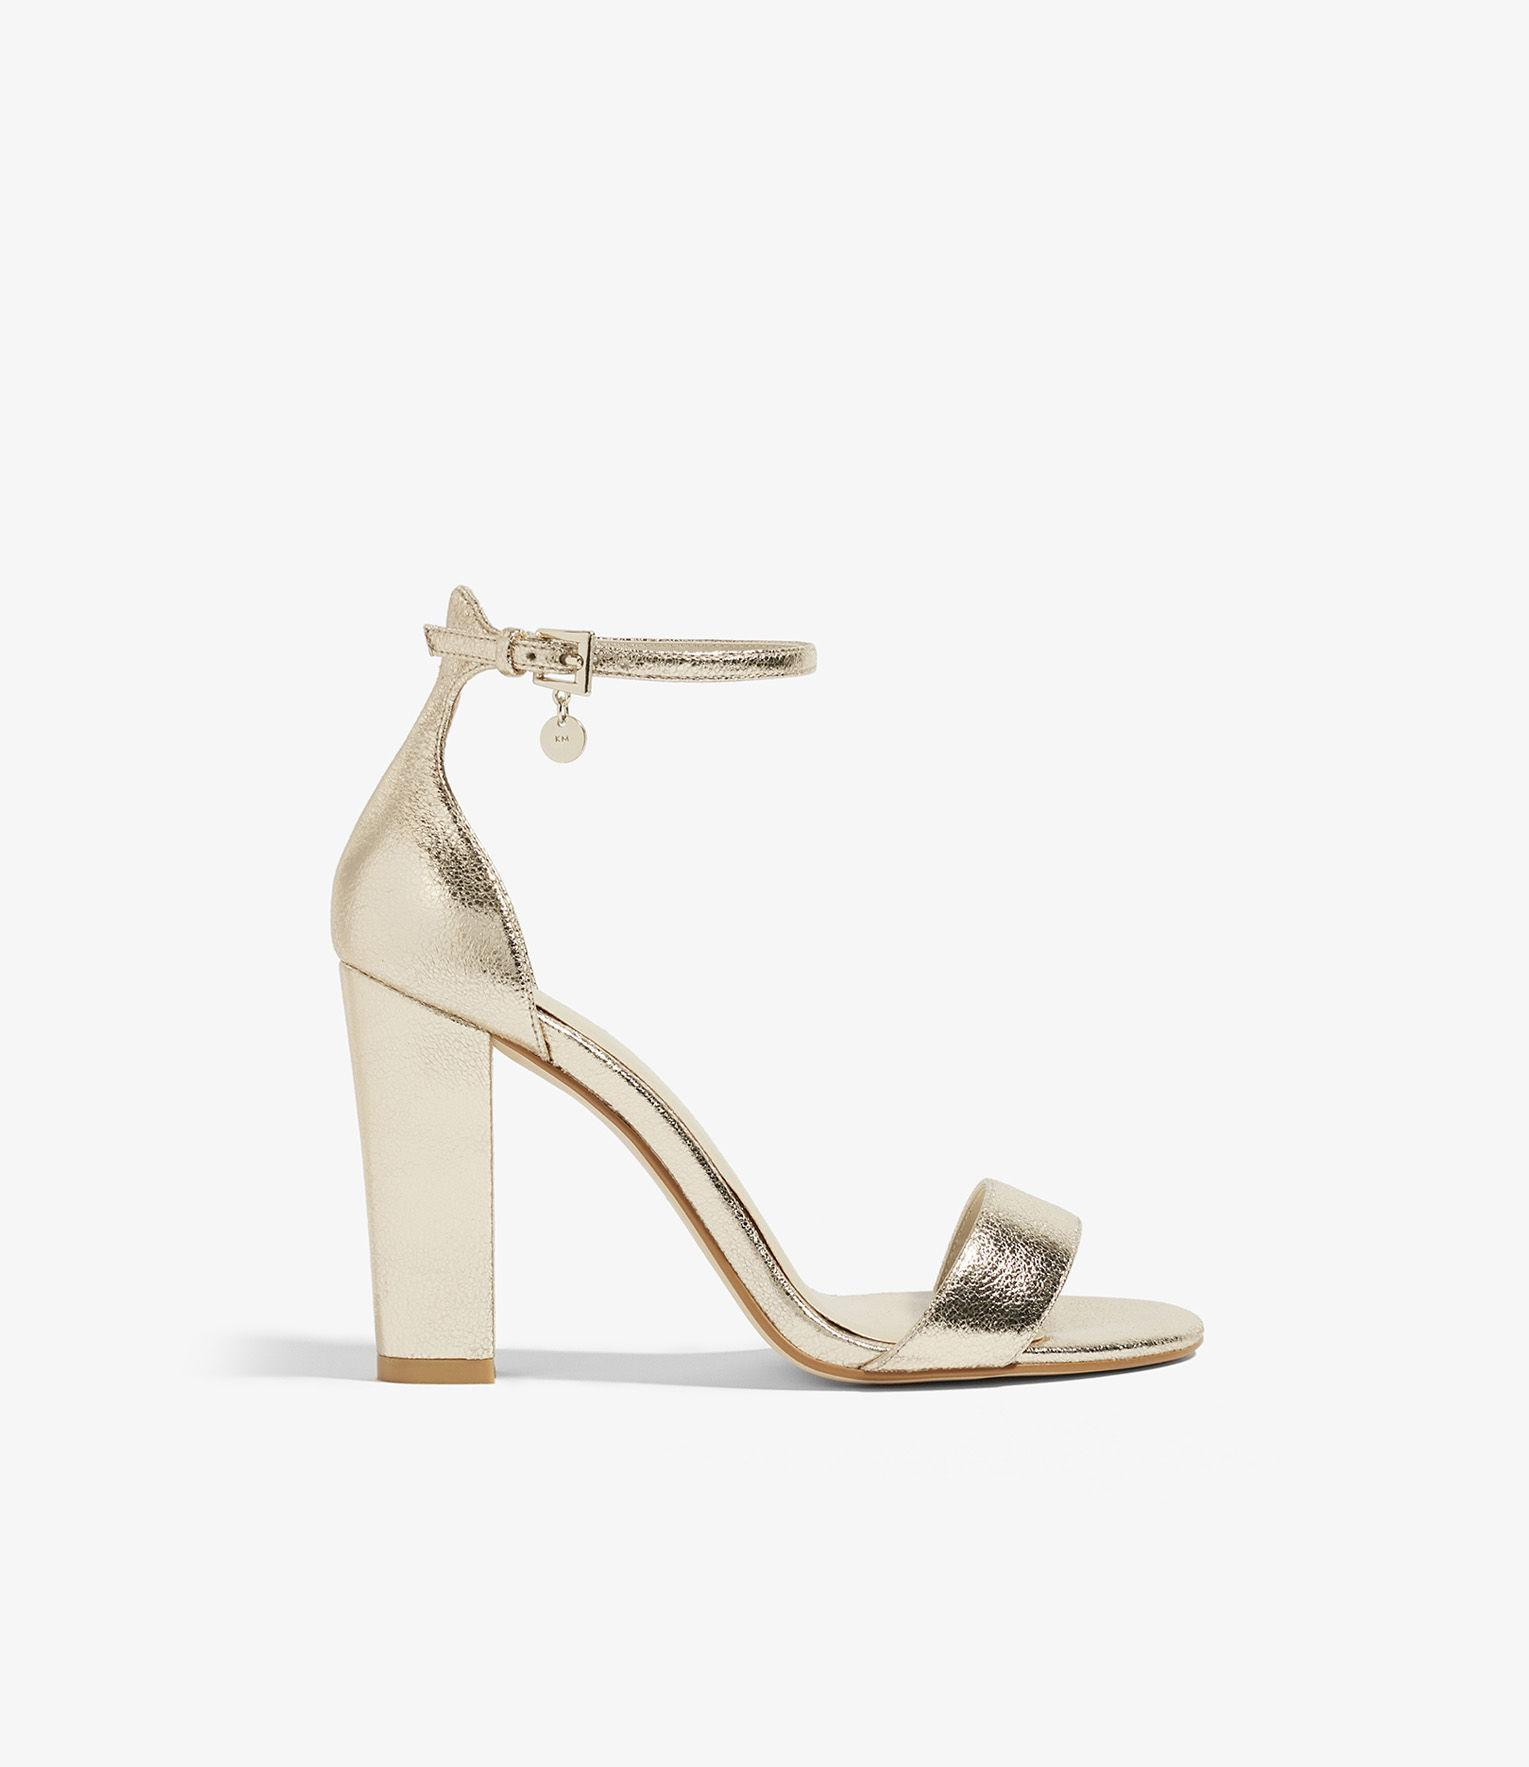 8d974a8a244 Karen Millen Strappy Metallic Heels in Metallic - Lyst